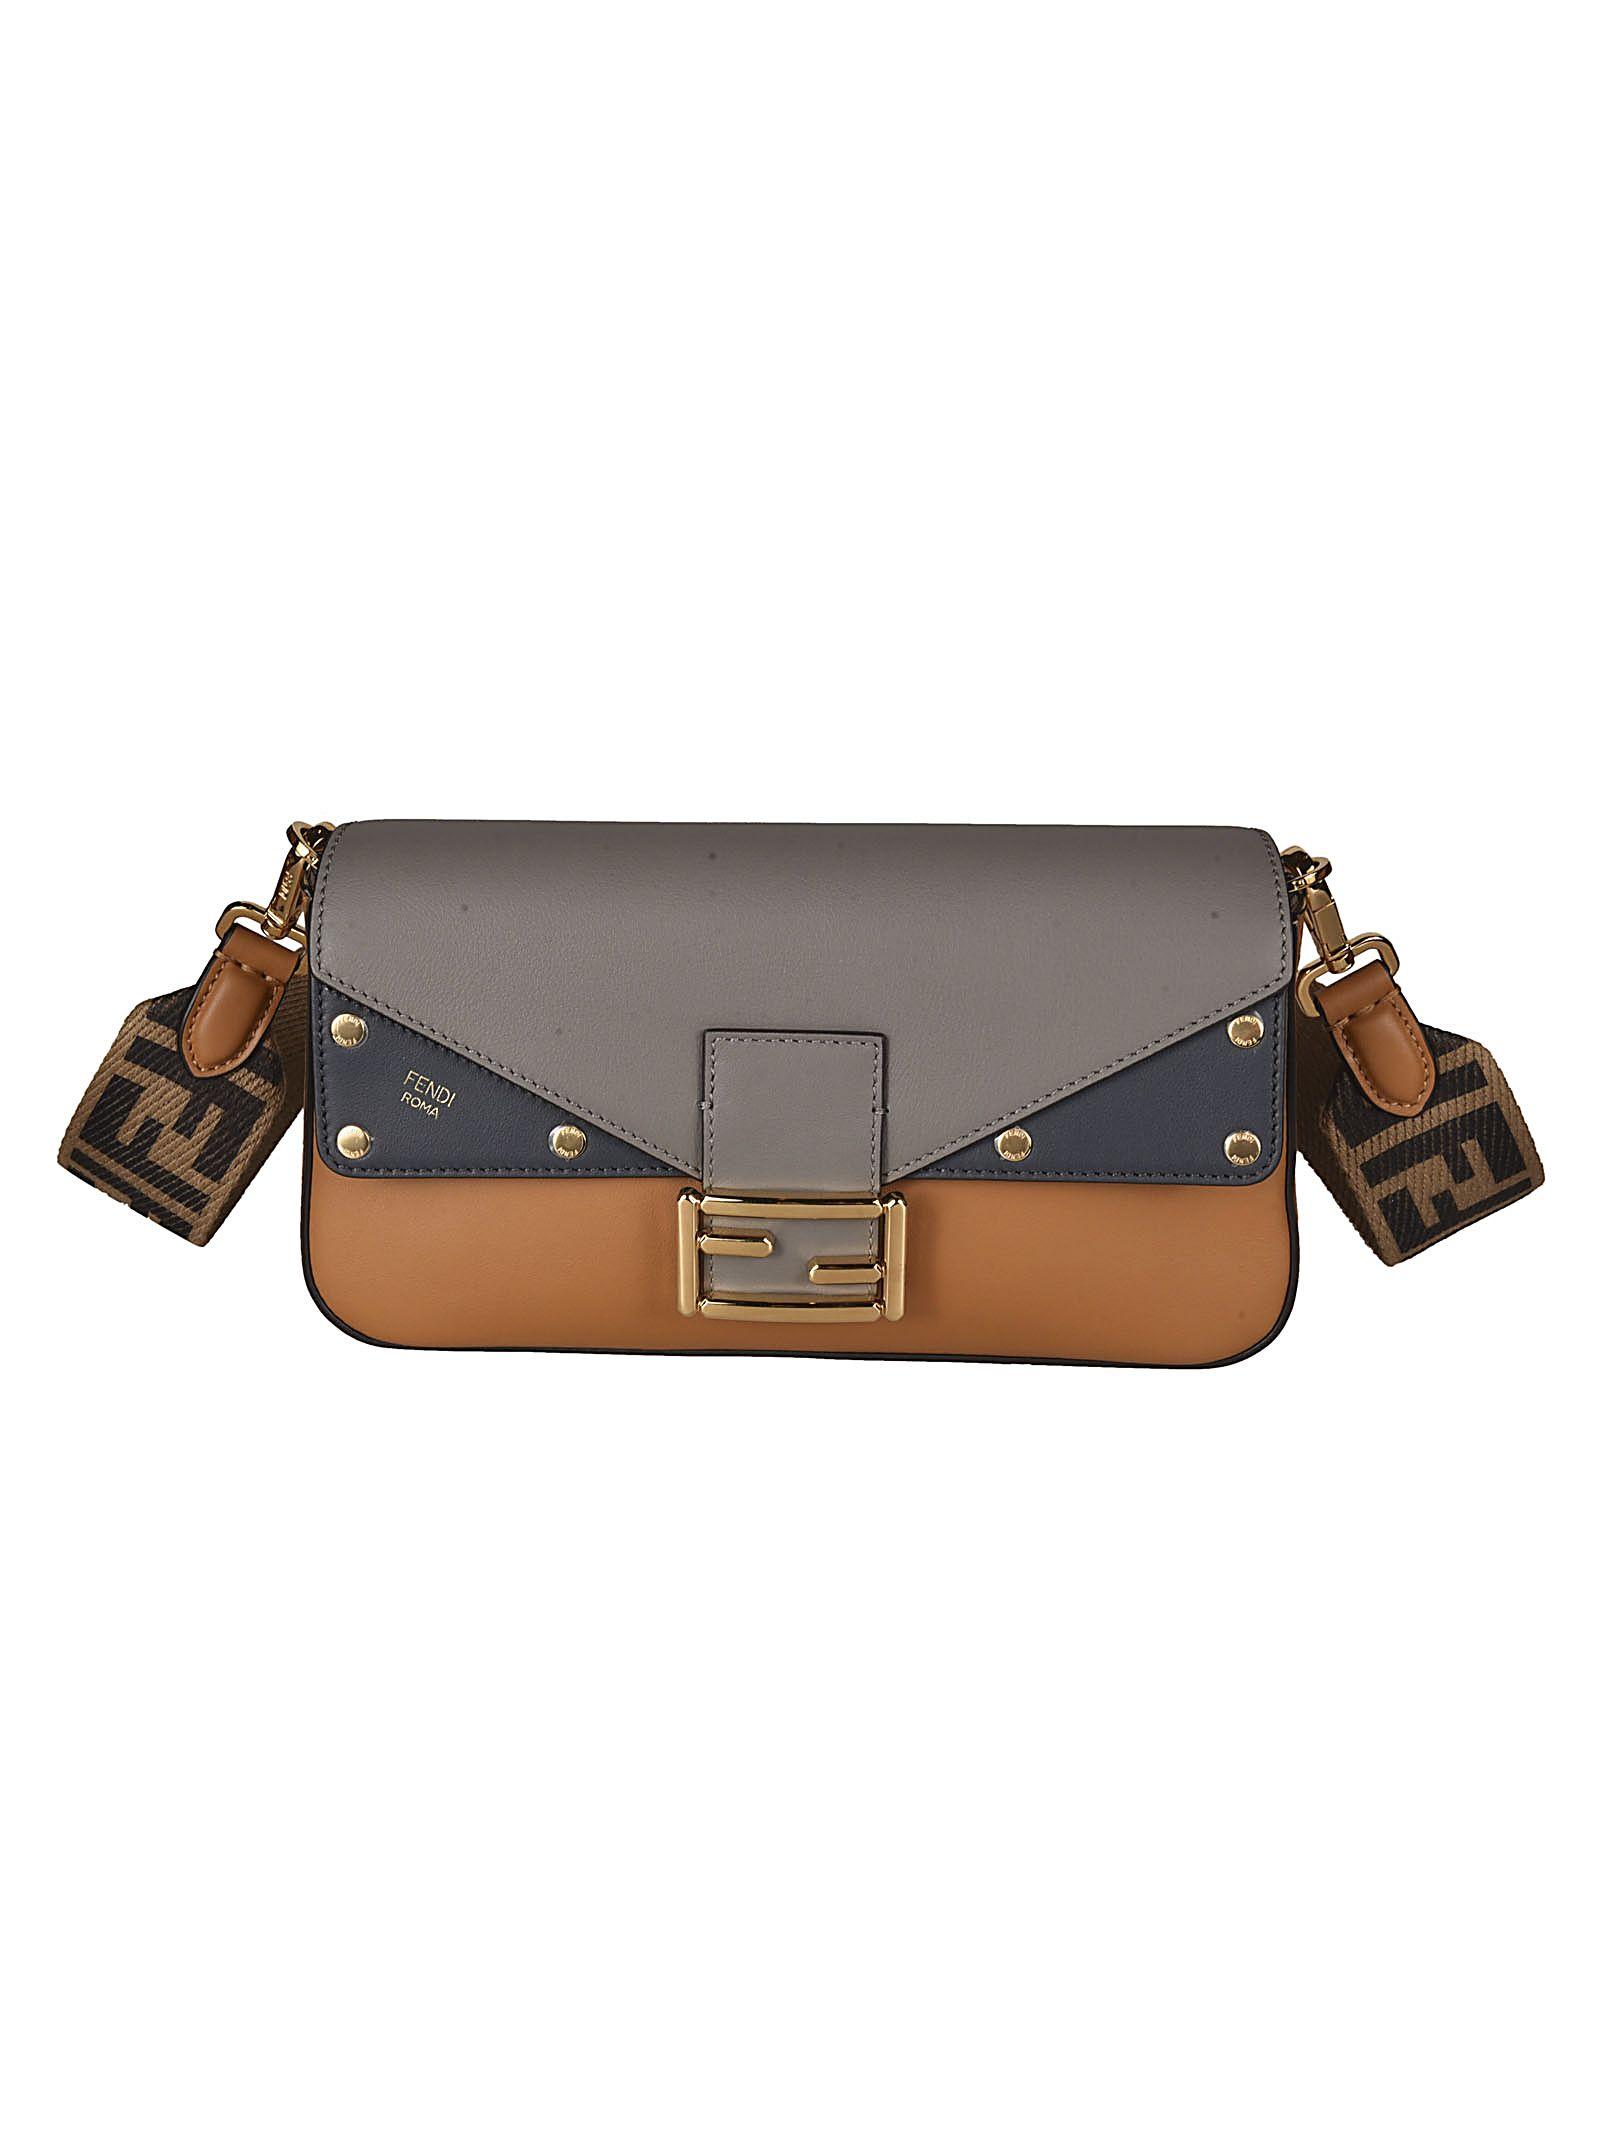 Fendi Baguette Ff Shoulder Bag